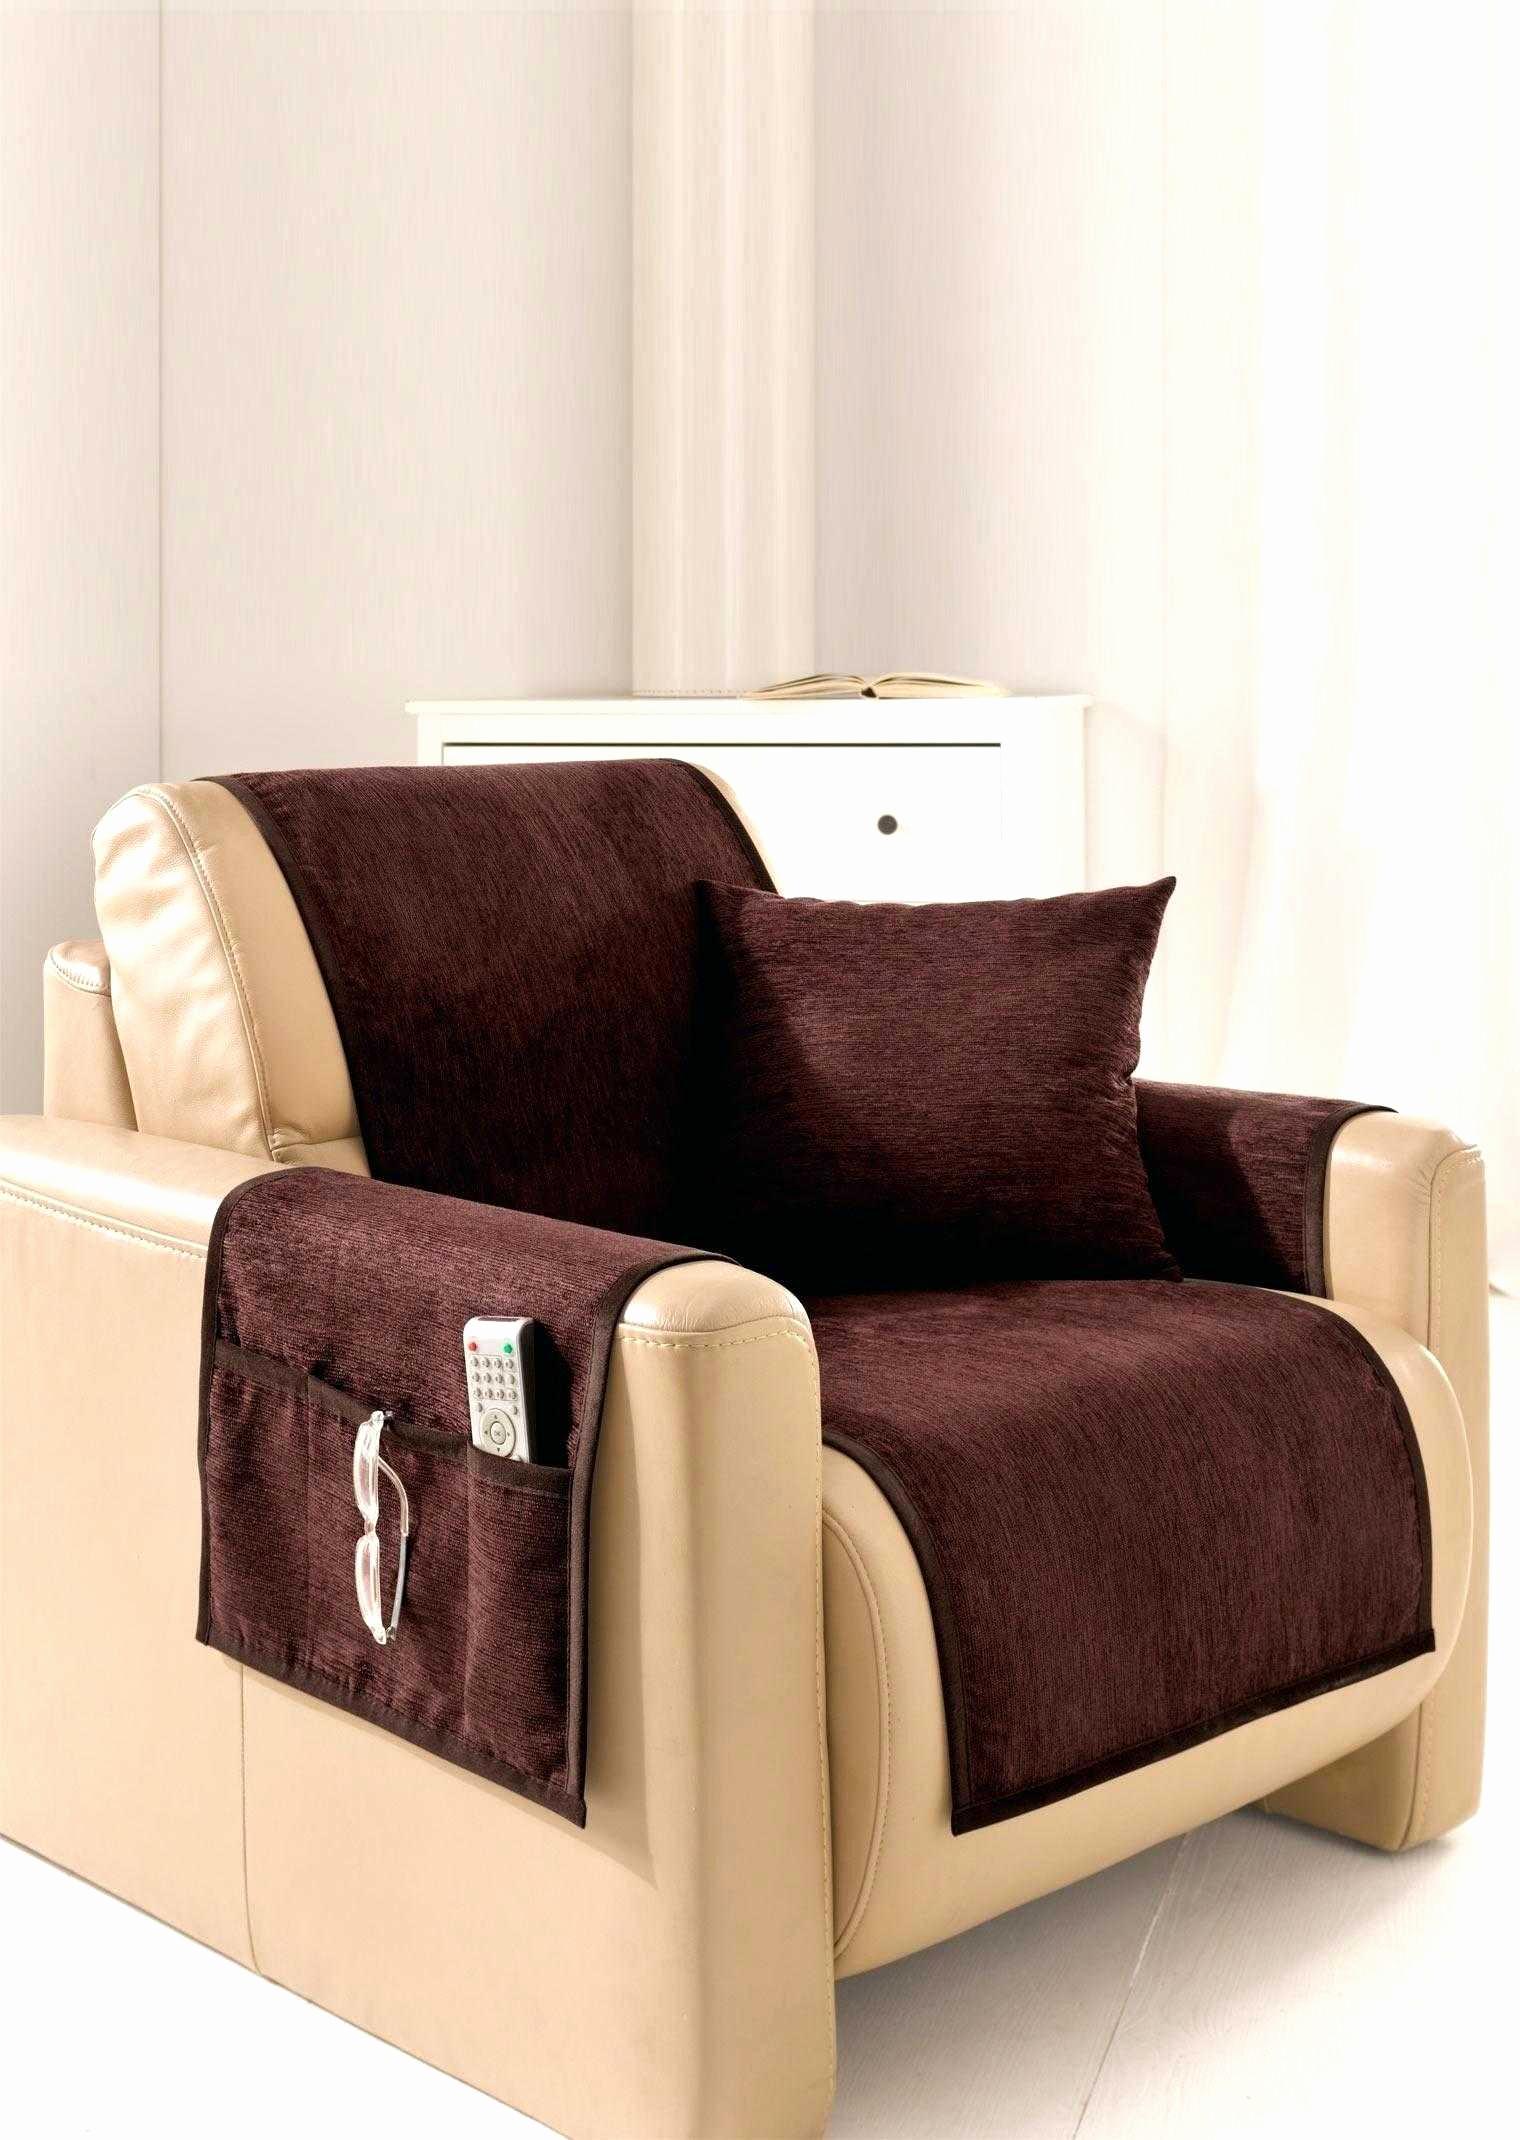 Plaid blanc ikea beau photographie jete de fauteuil l gant jet de canap ou fauteuil coton au - Jete de canape ikea ...